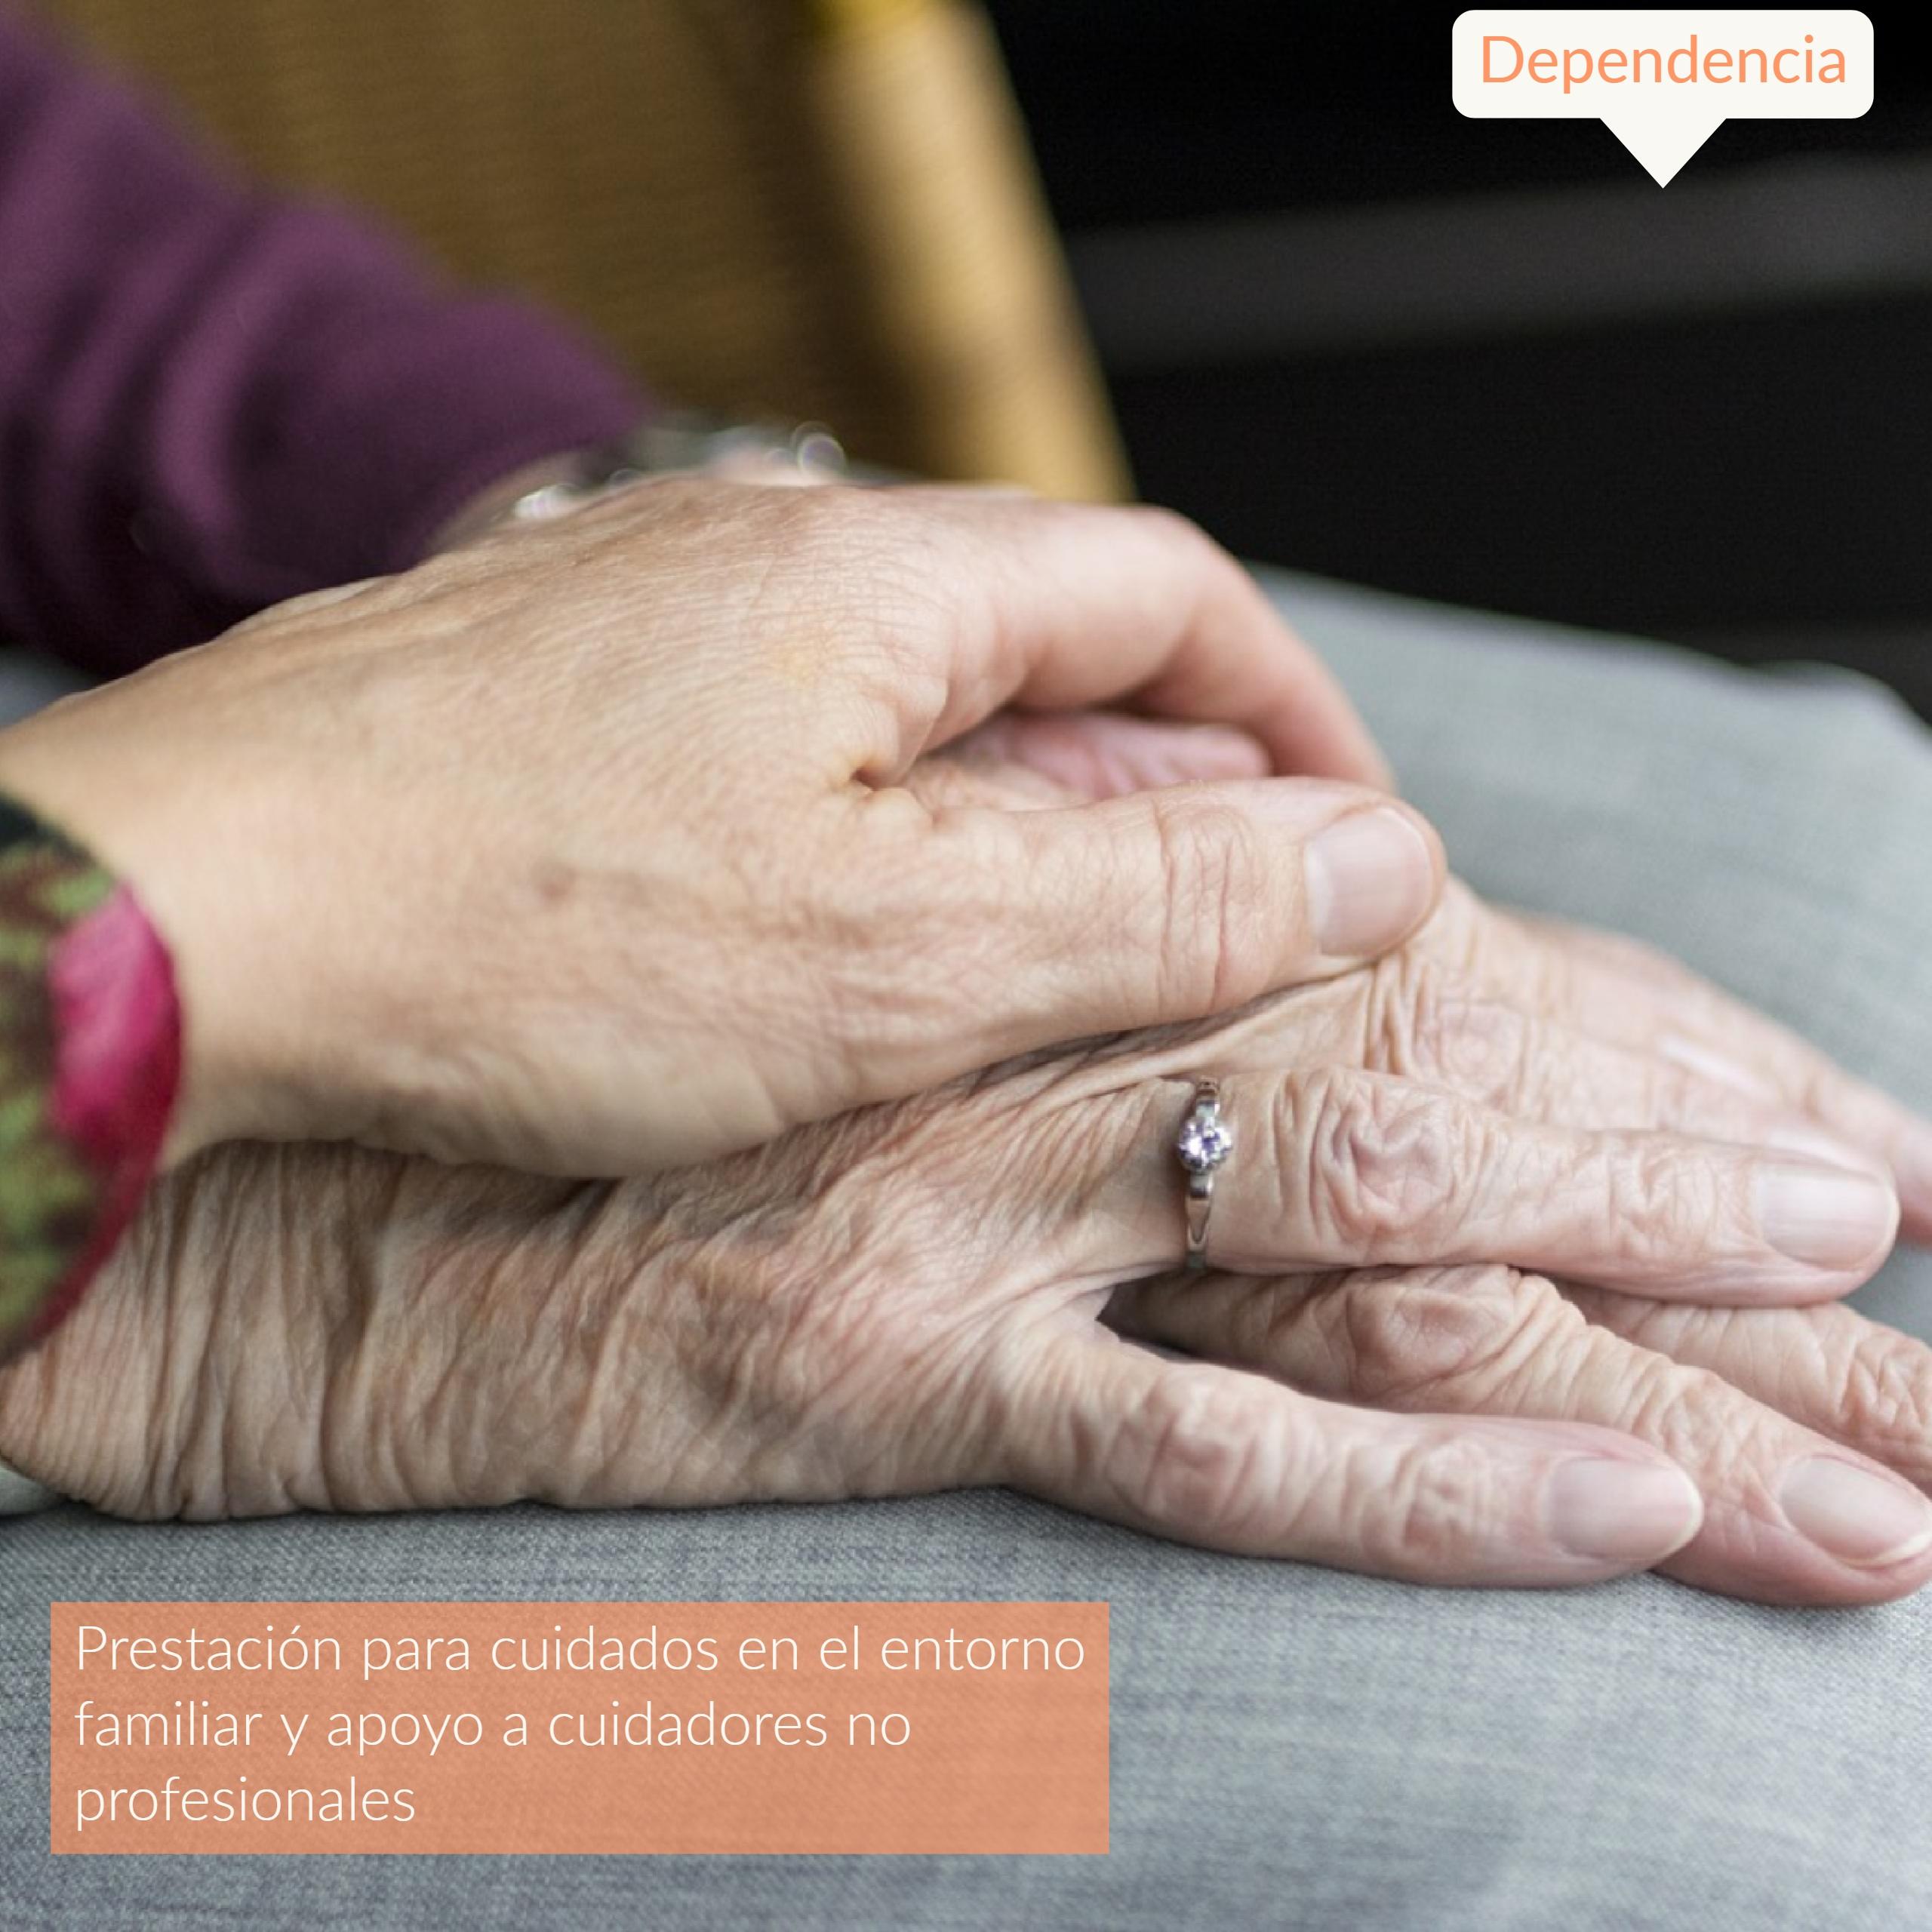 Dependencia – La Conselleria de Igualdad y Políticas Inclusivas se compromete con el Síndic a mejorar la gestión de prestación de cuidados en el entorno familiar